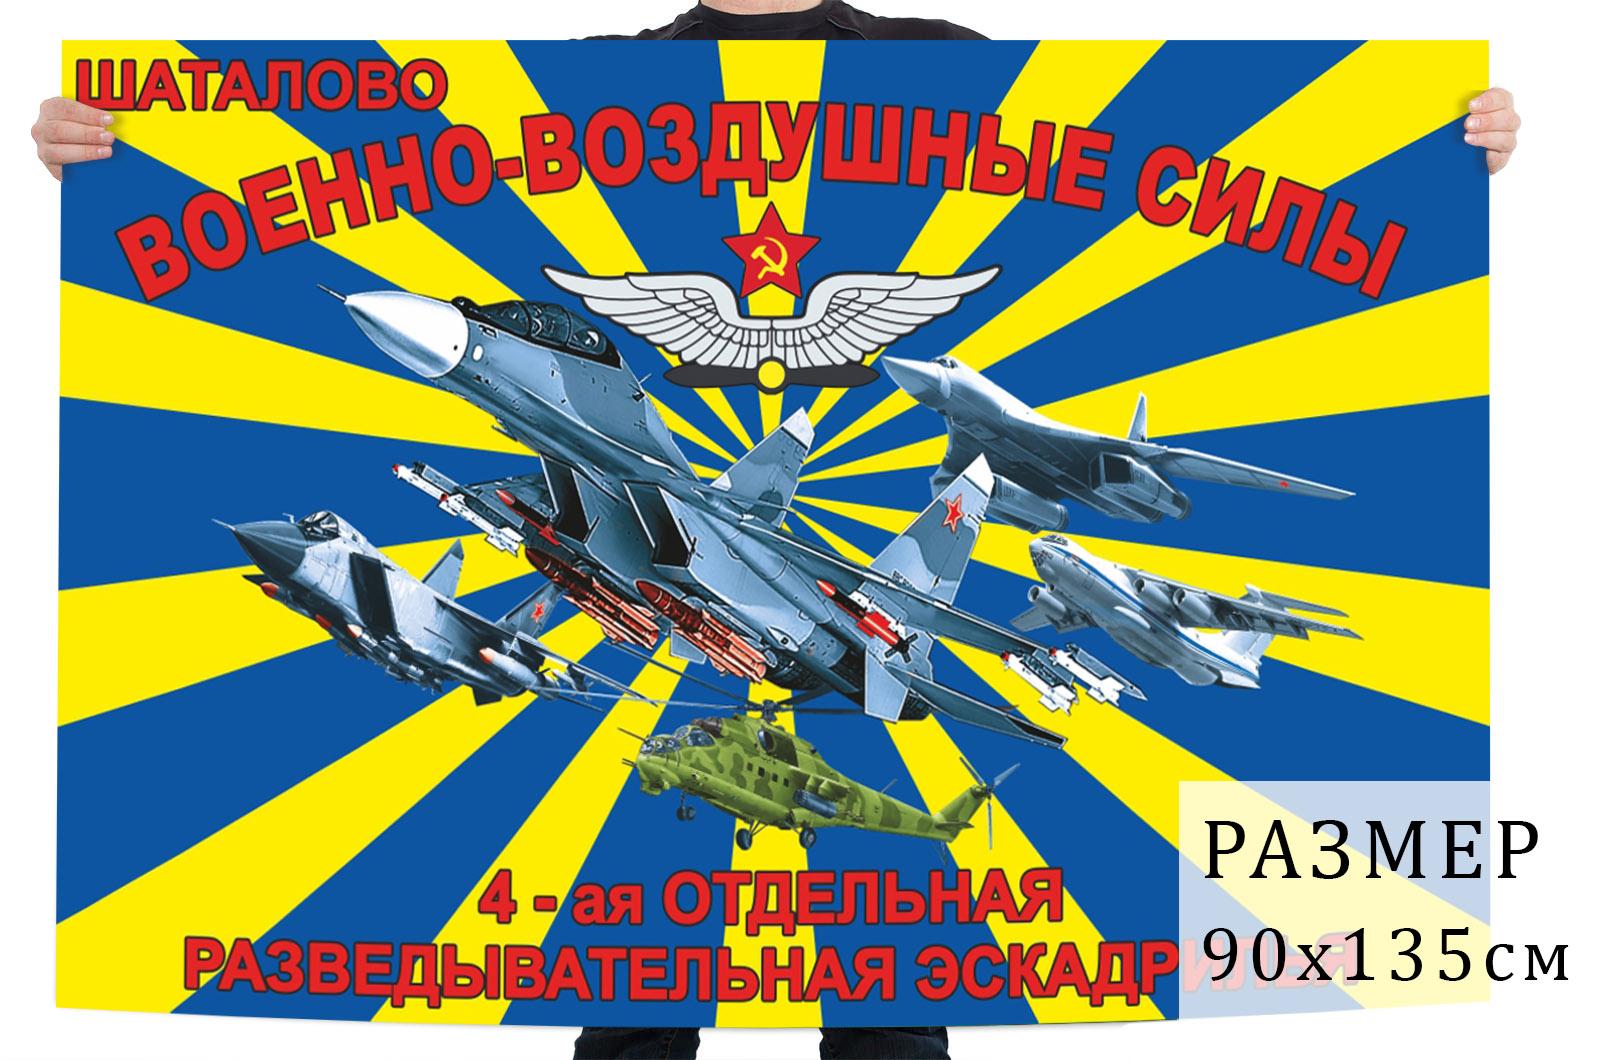 Купить в интернет магазине флаг ВВС 4 разведывательная эскадрилья Шаталово